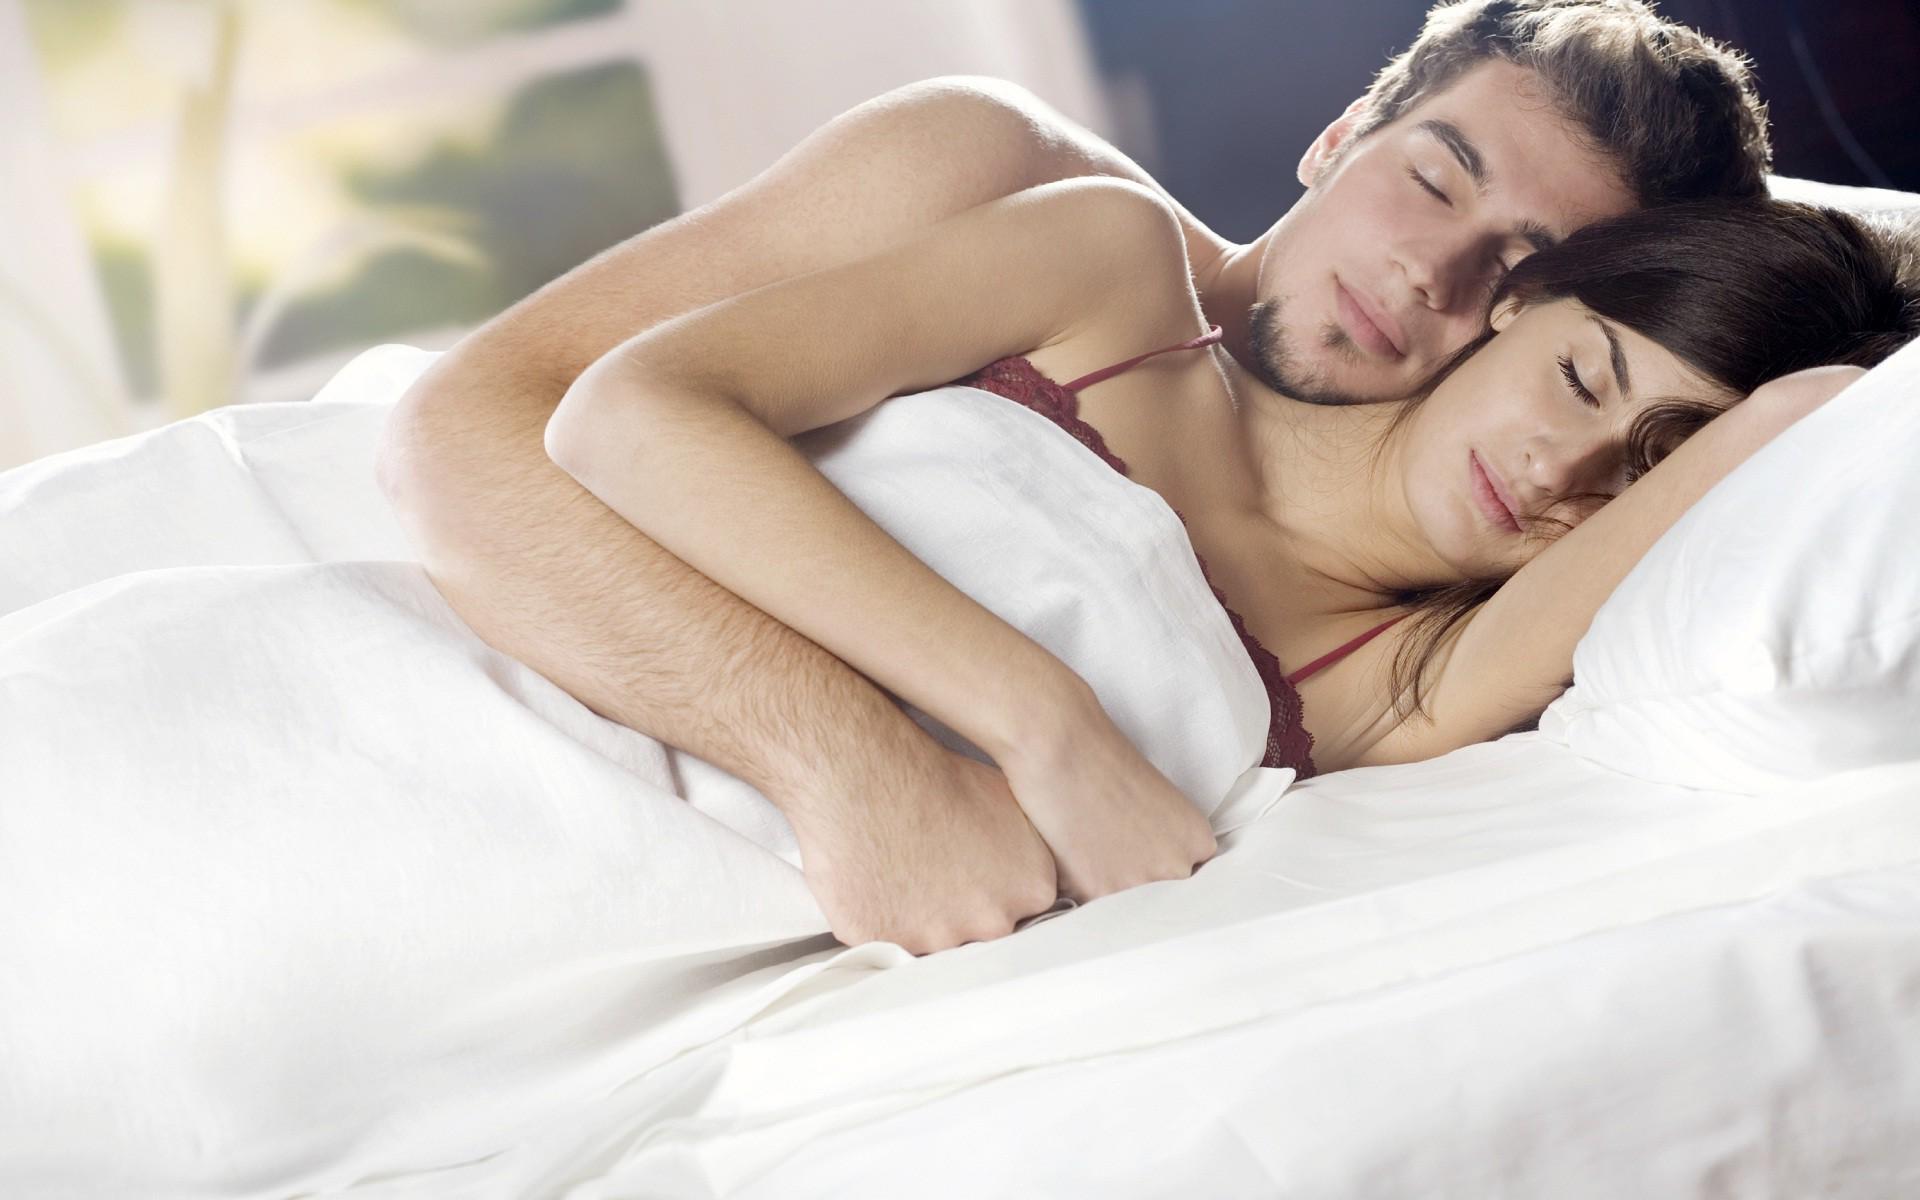 Романтическое видео в постели, порно ролики танцуют в юбке а трусов то нет